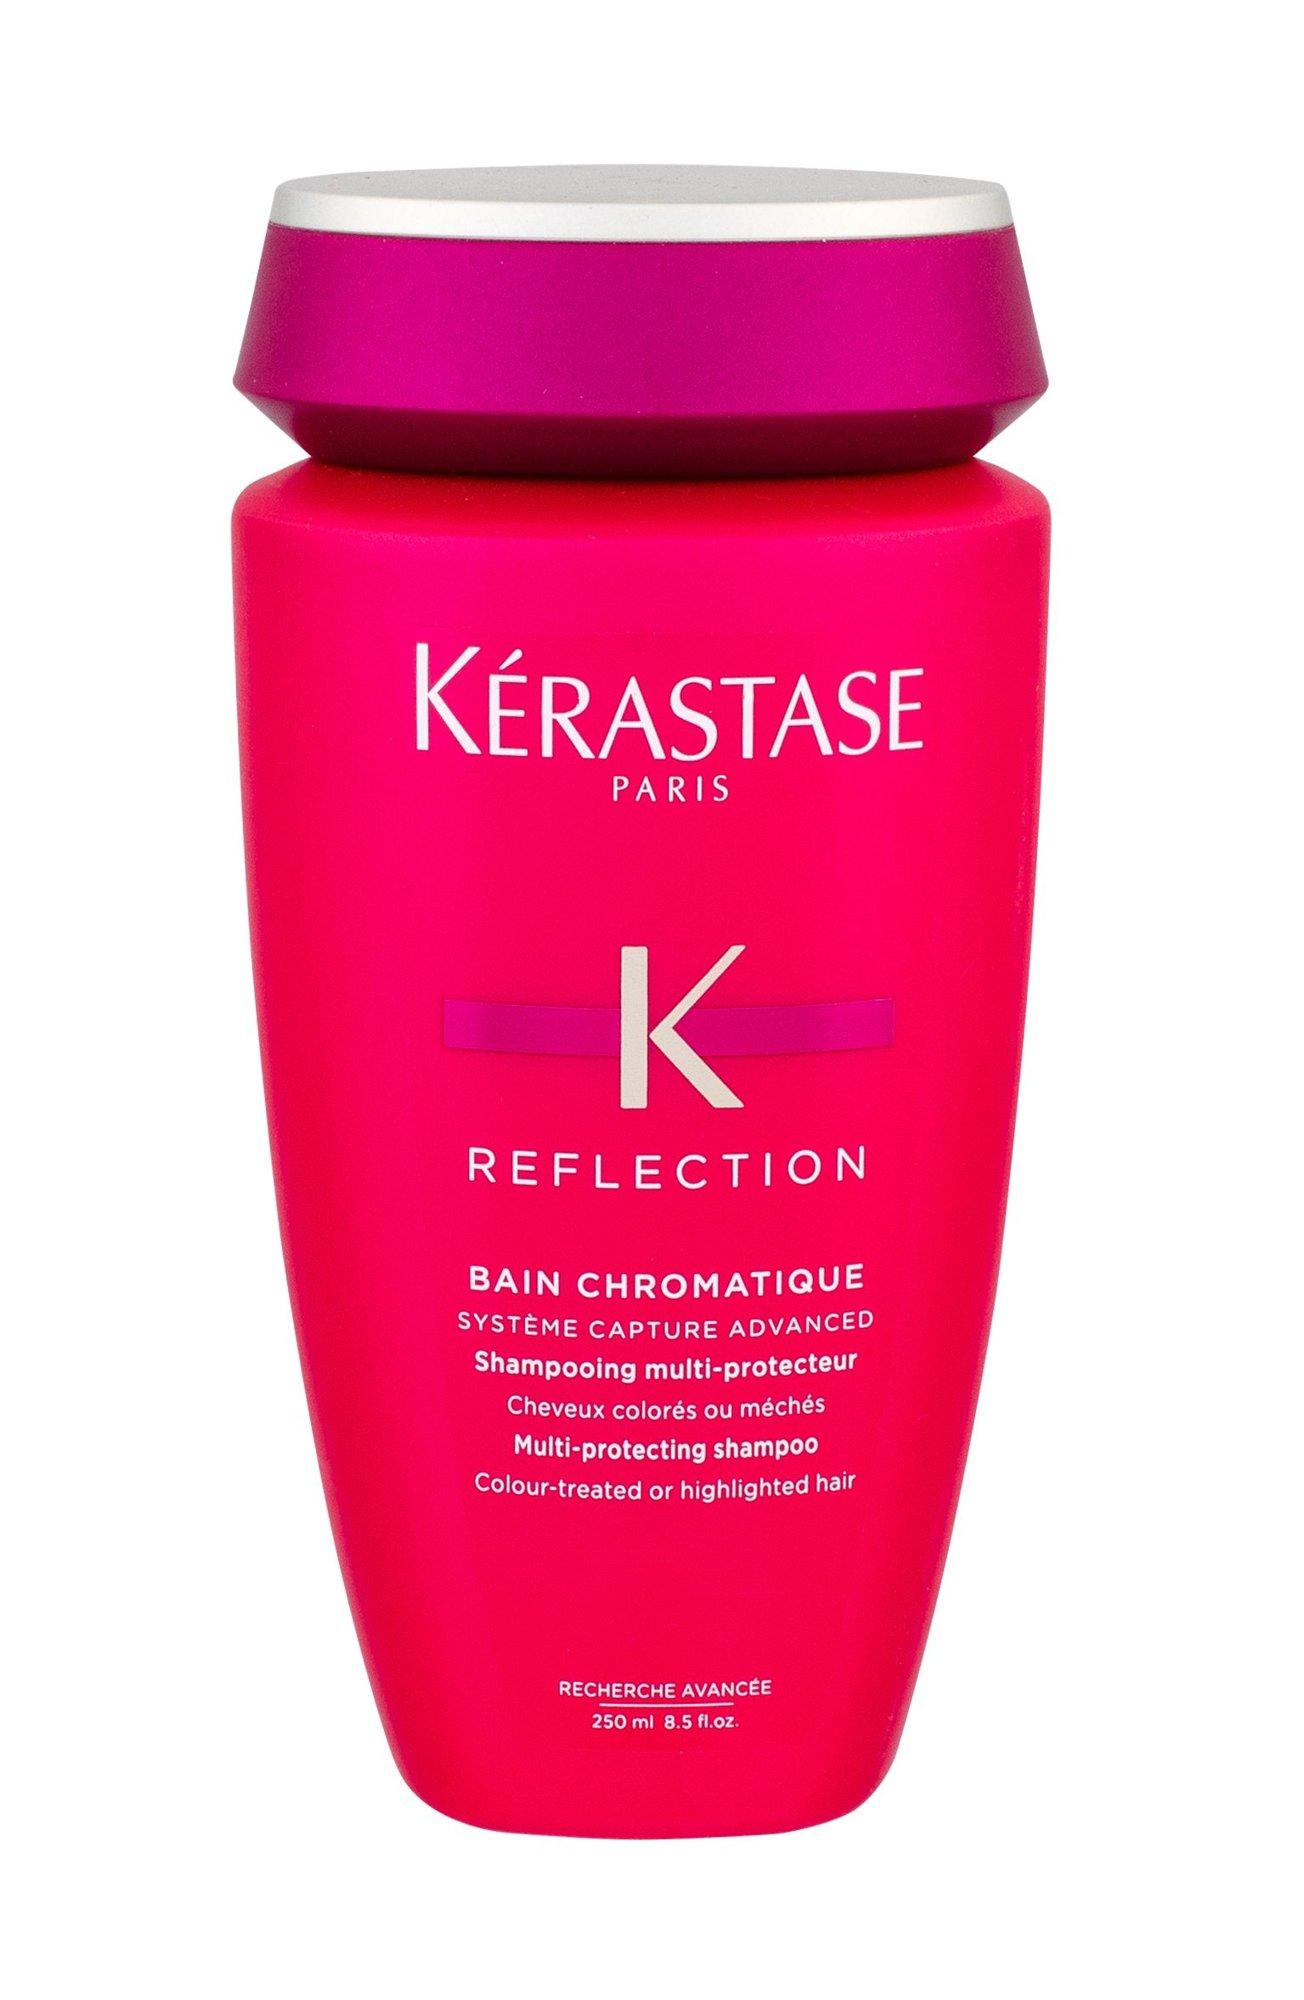 Kérastase Réflection Shampoo 250ml